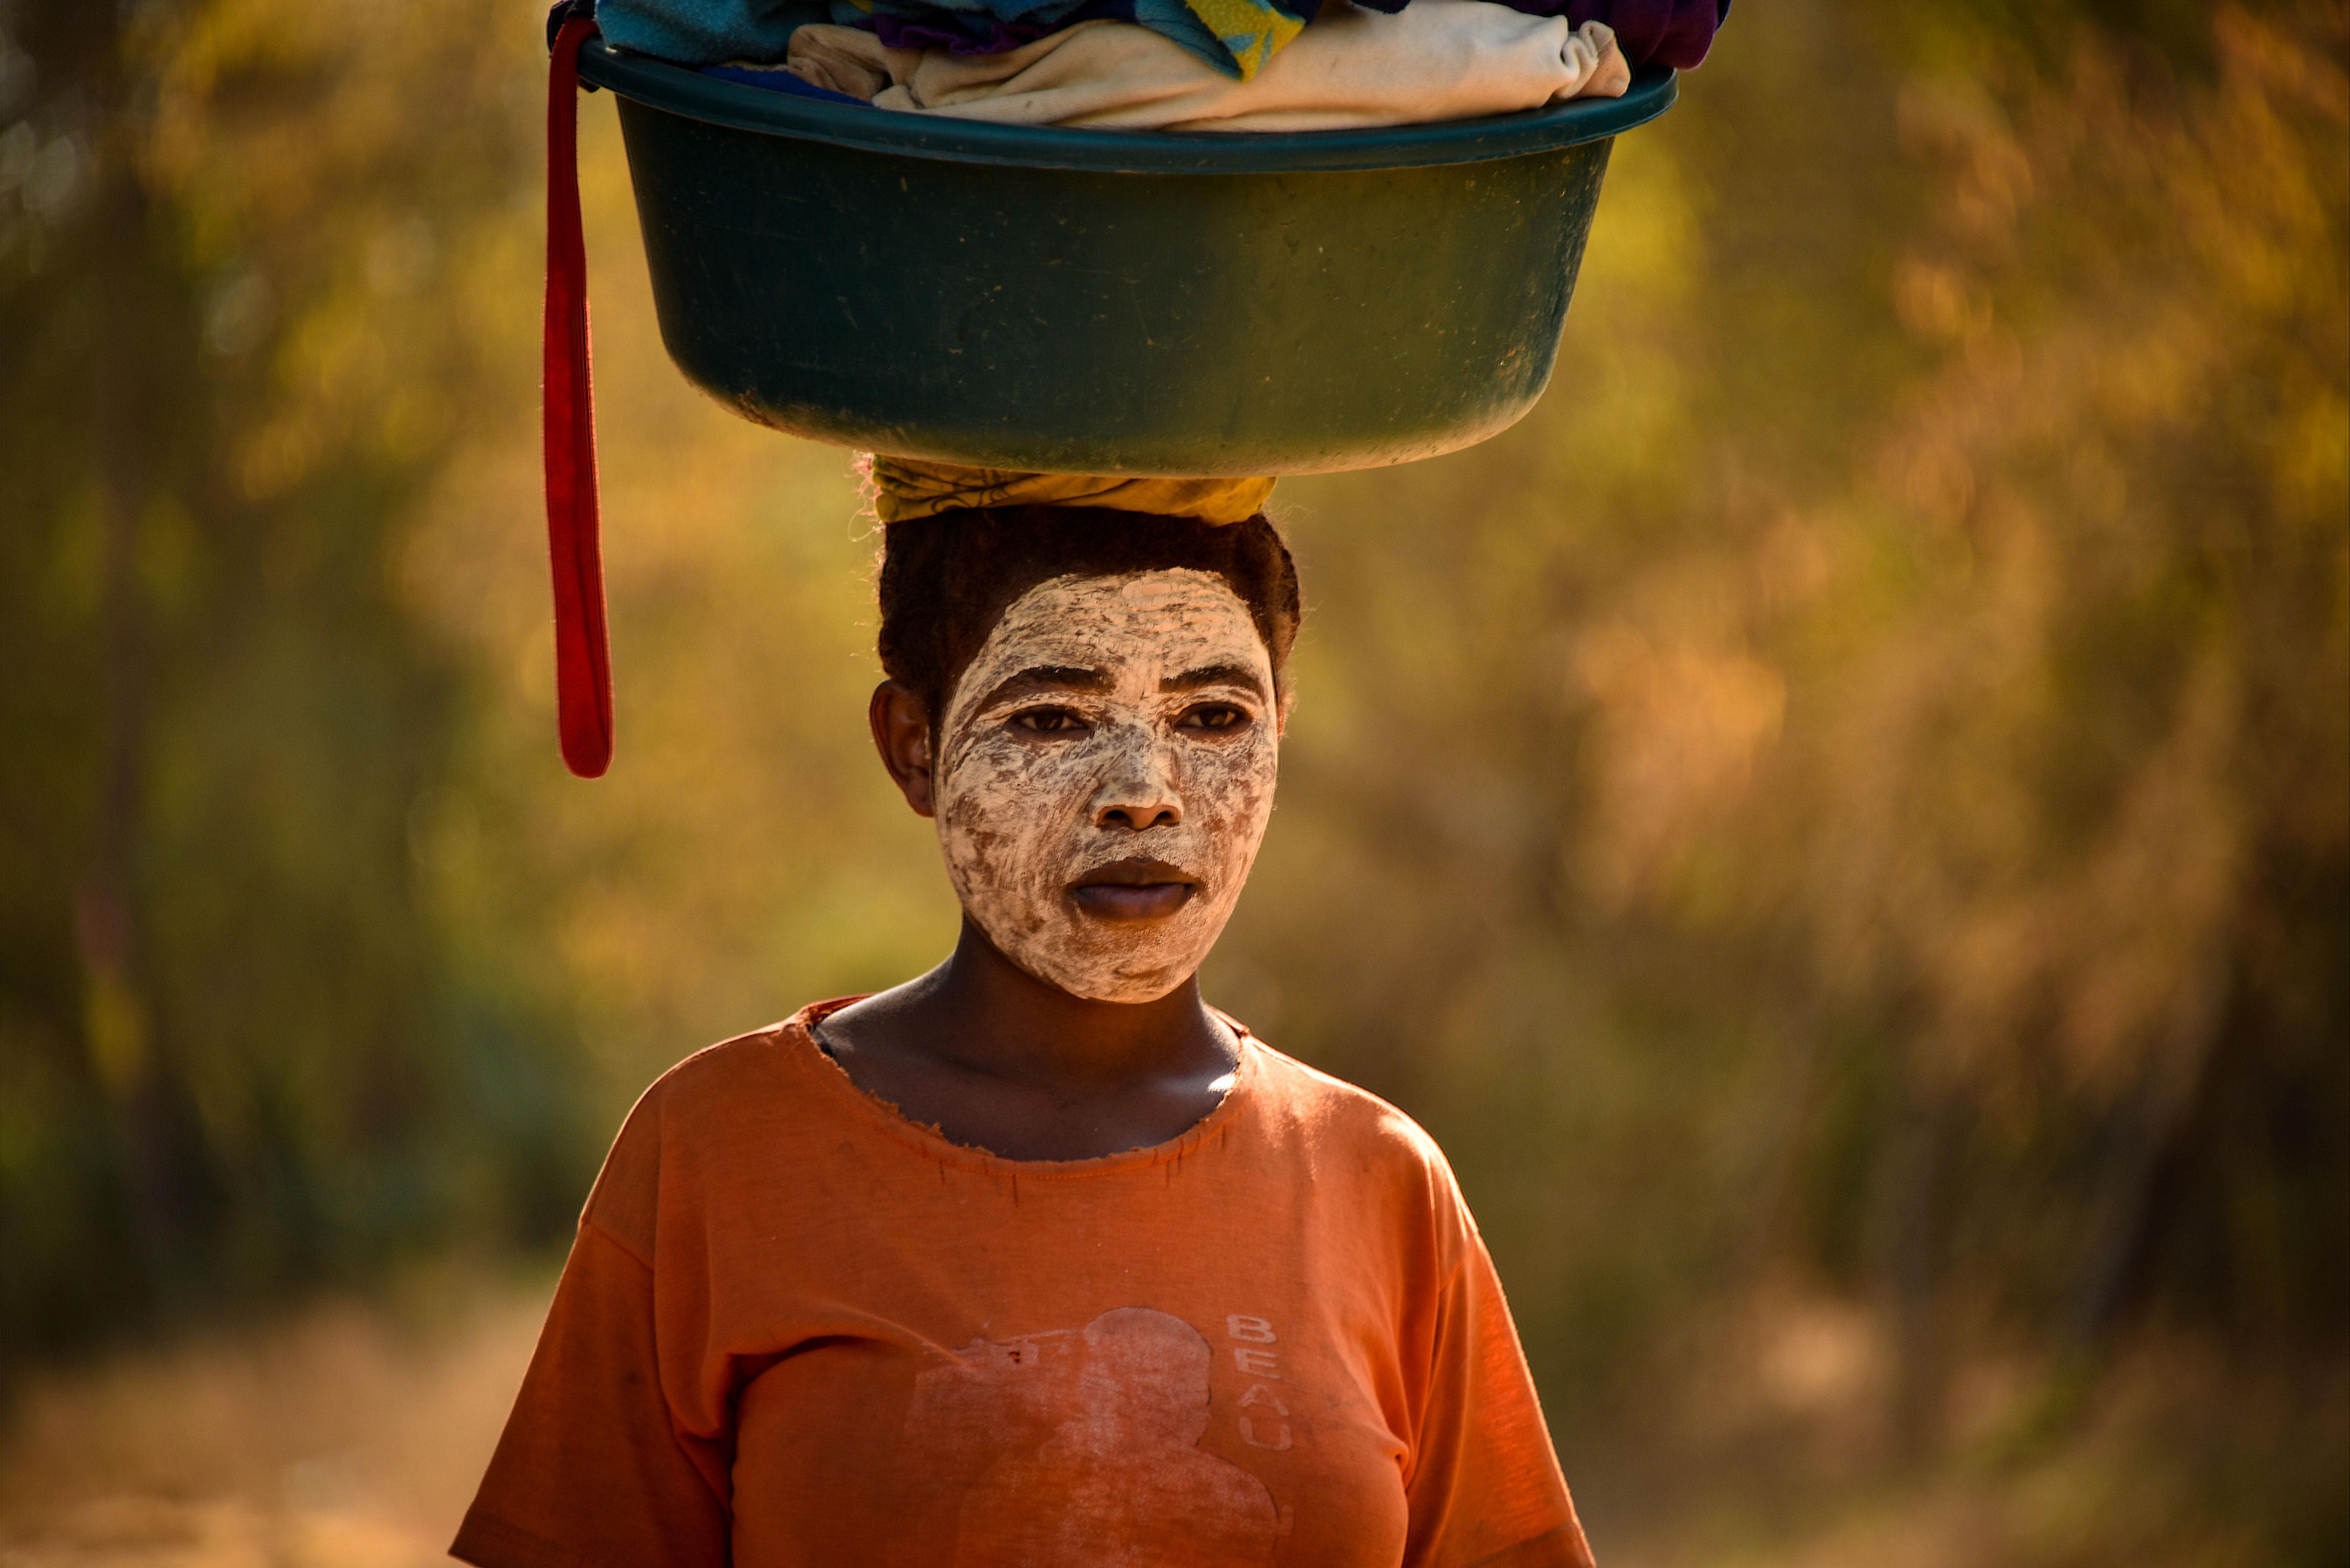 Femme malgache avec ocre sur le visage